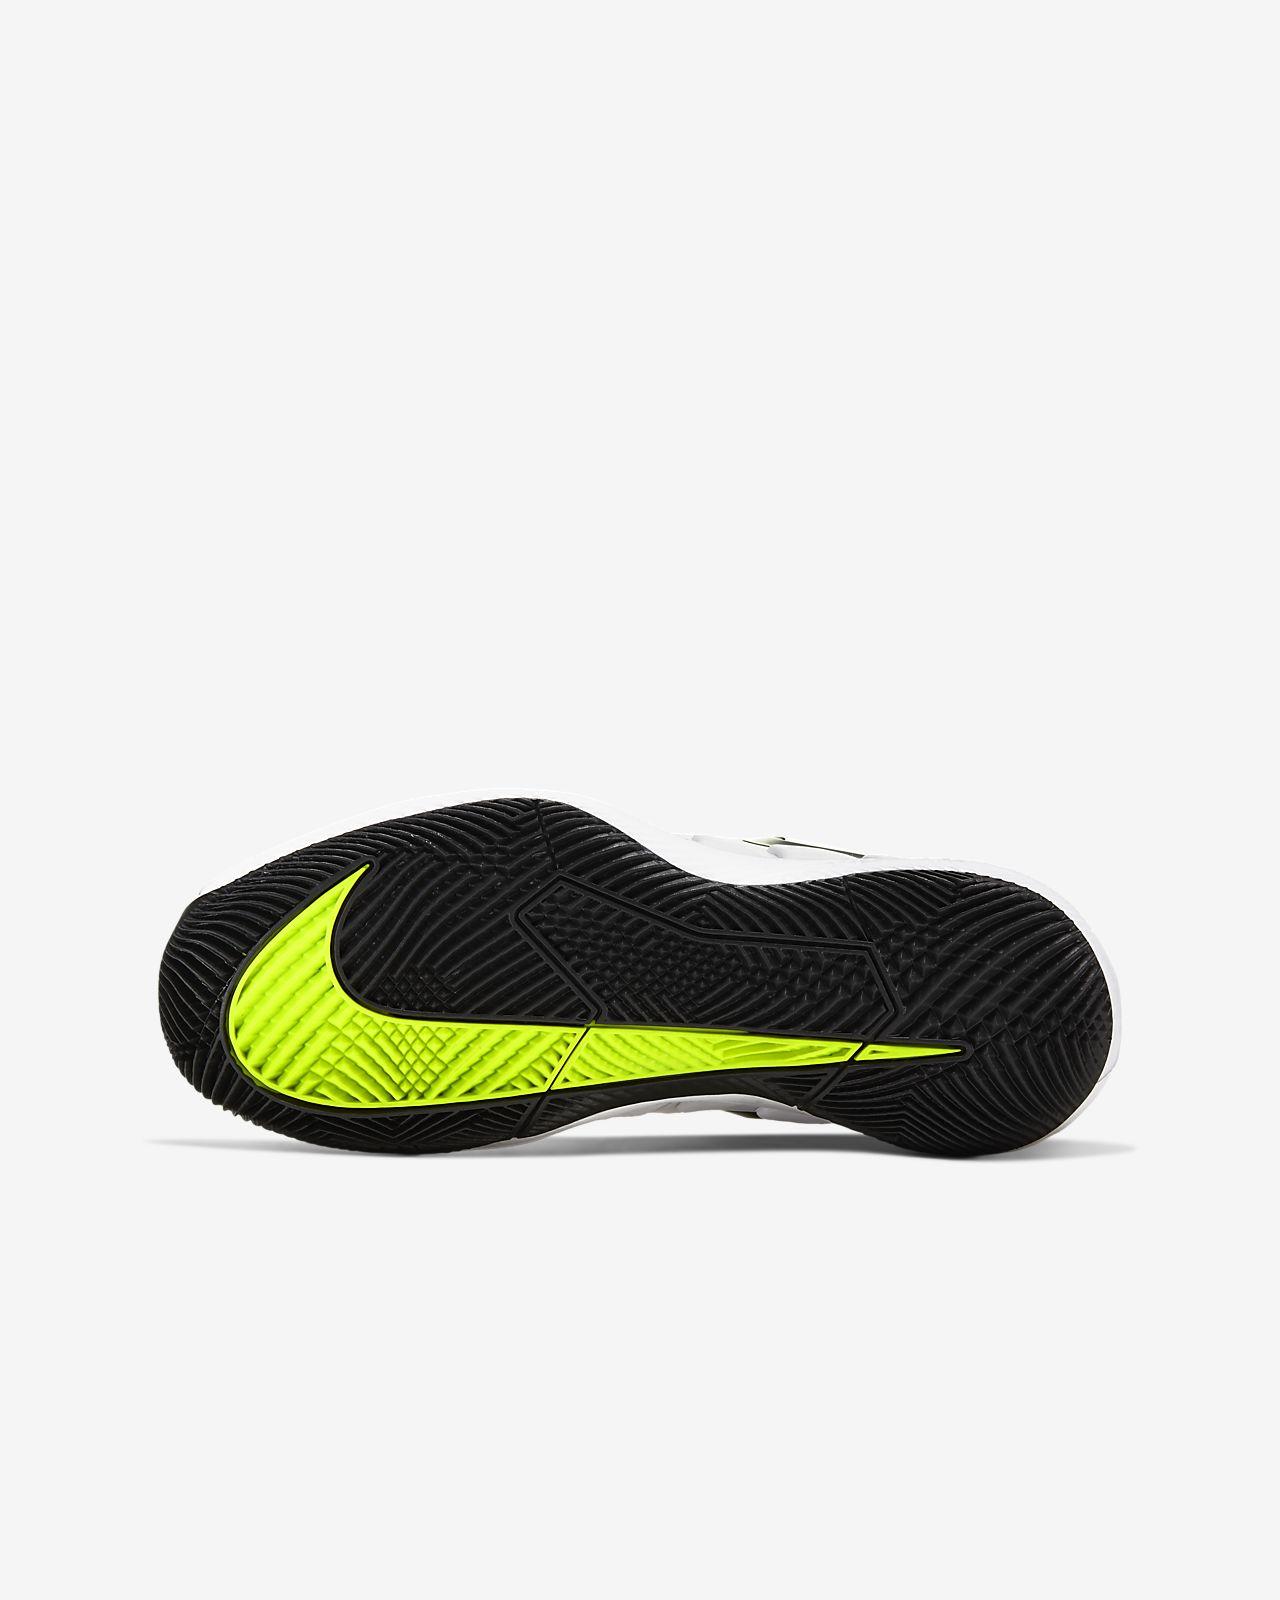 chaussure tennis enfant nike